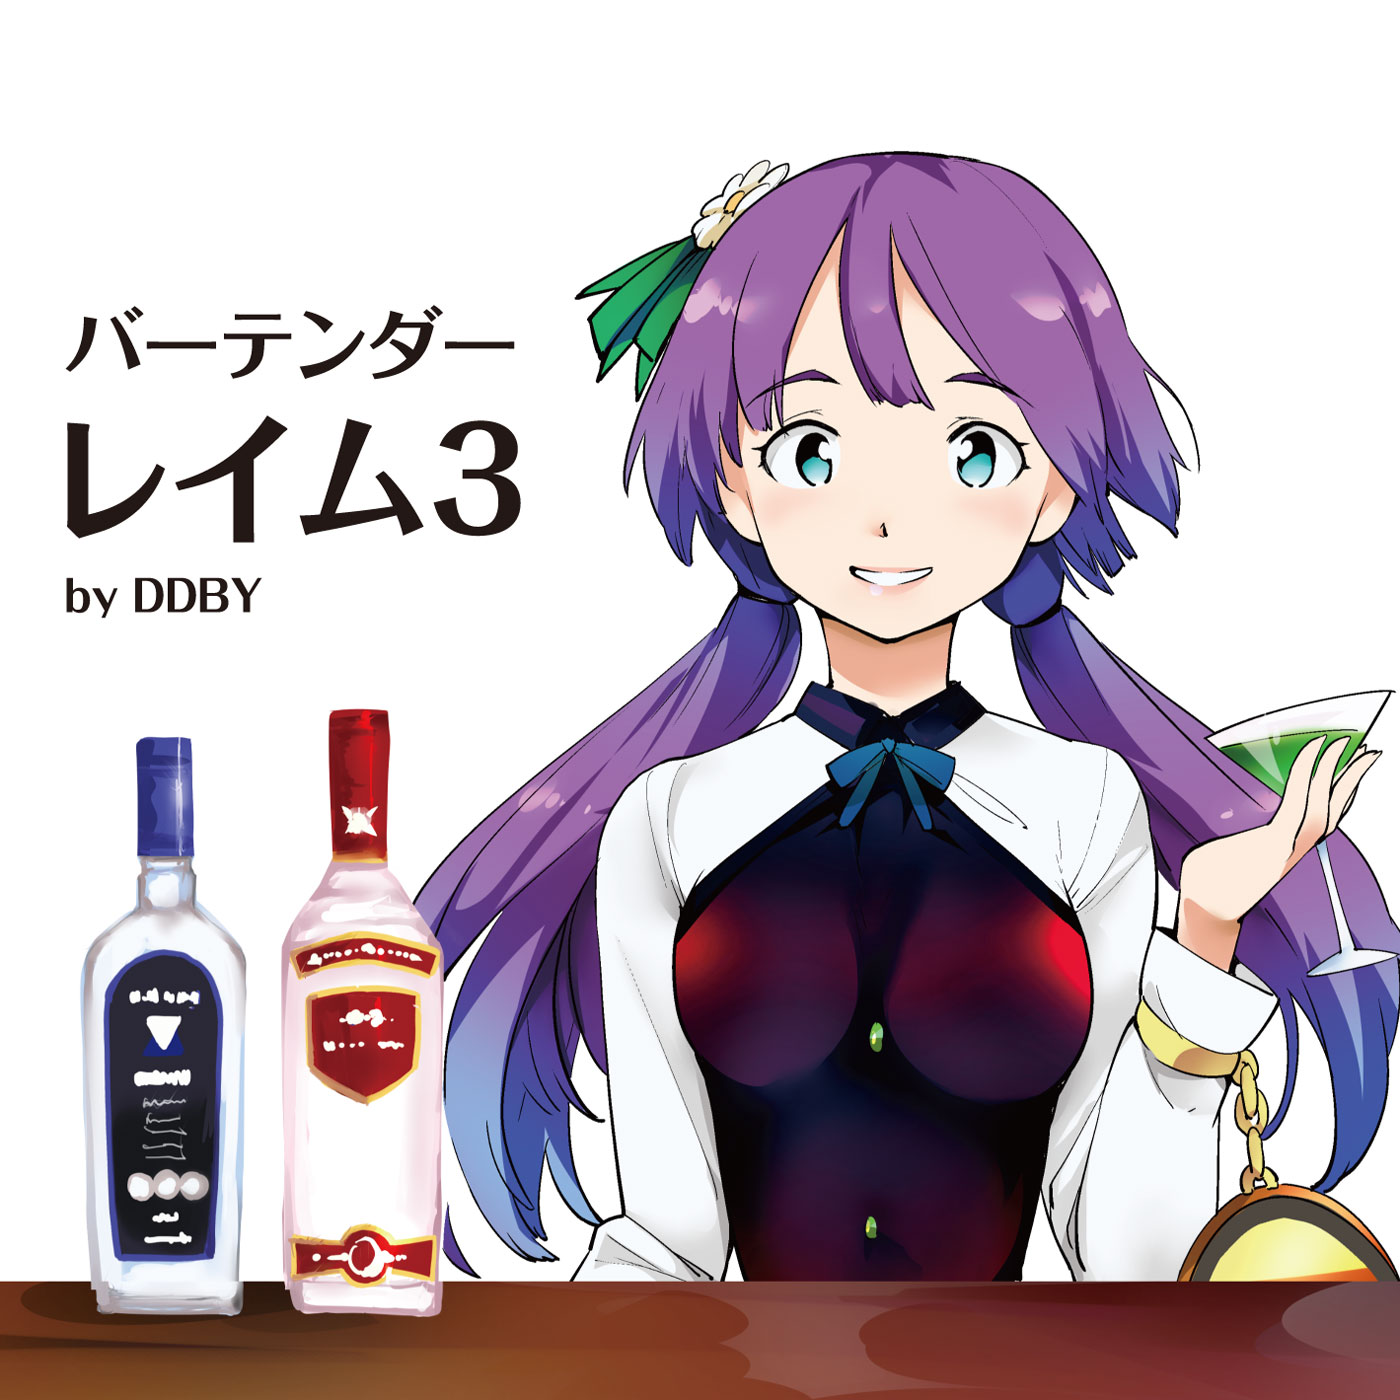 【冬コミケ/東方アレンジCD】バーテンダーレイム3